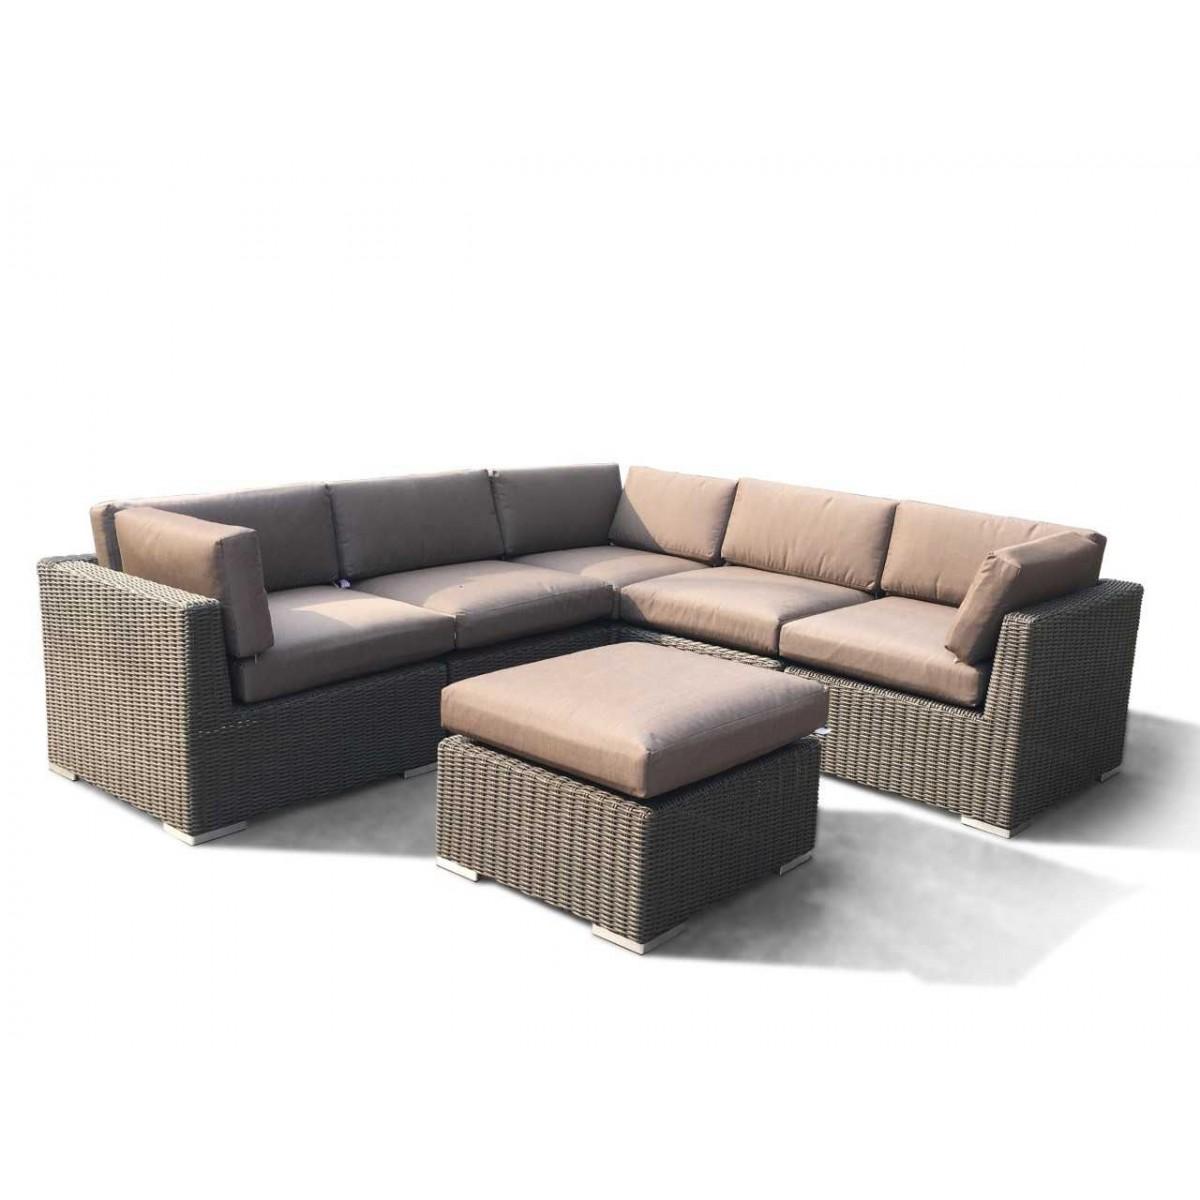 Vita lux sofasæt - brun